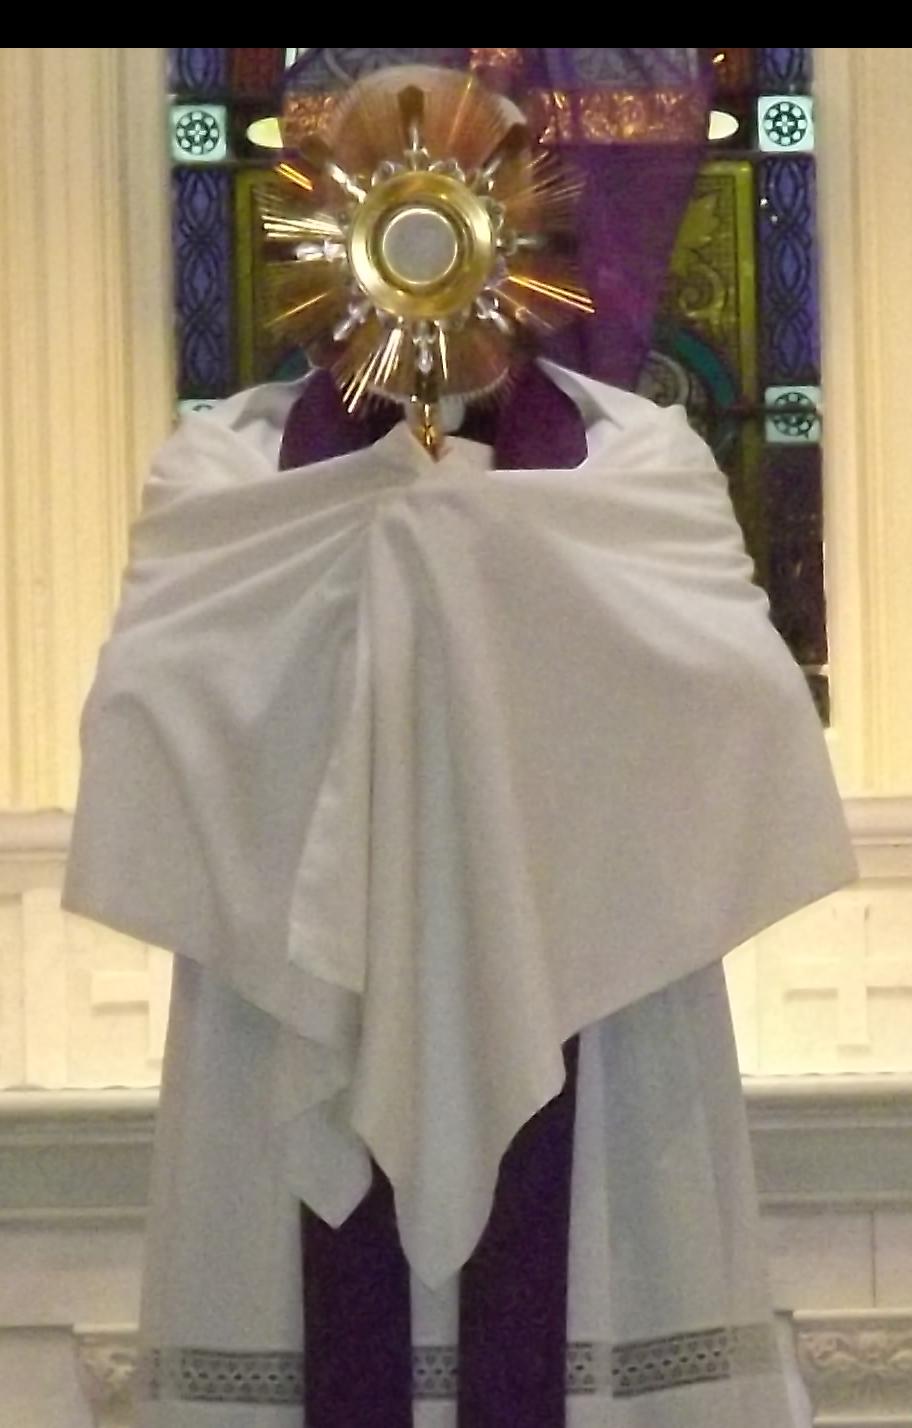 priest holding monstrance